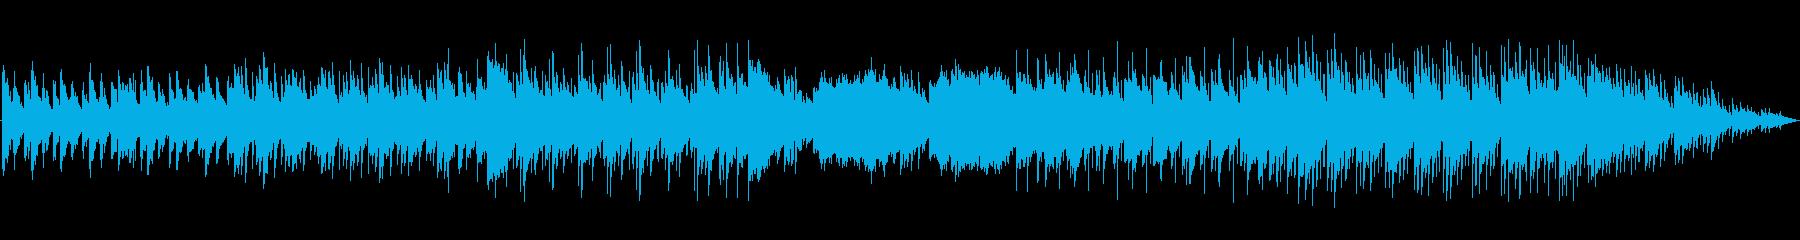 代替案 ポップ モダン 交響曲 室...の再生済みの波形